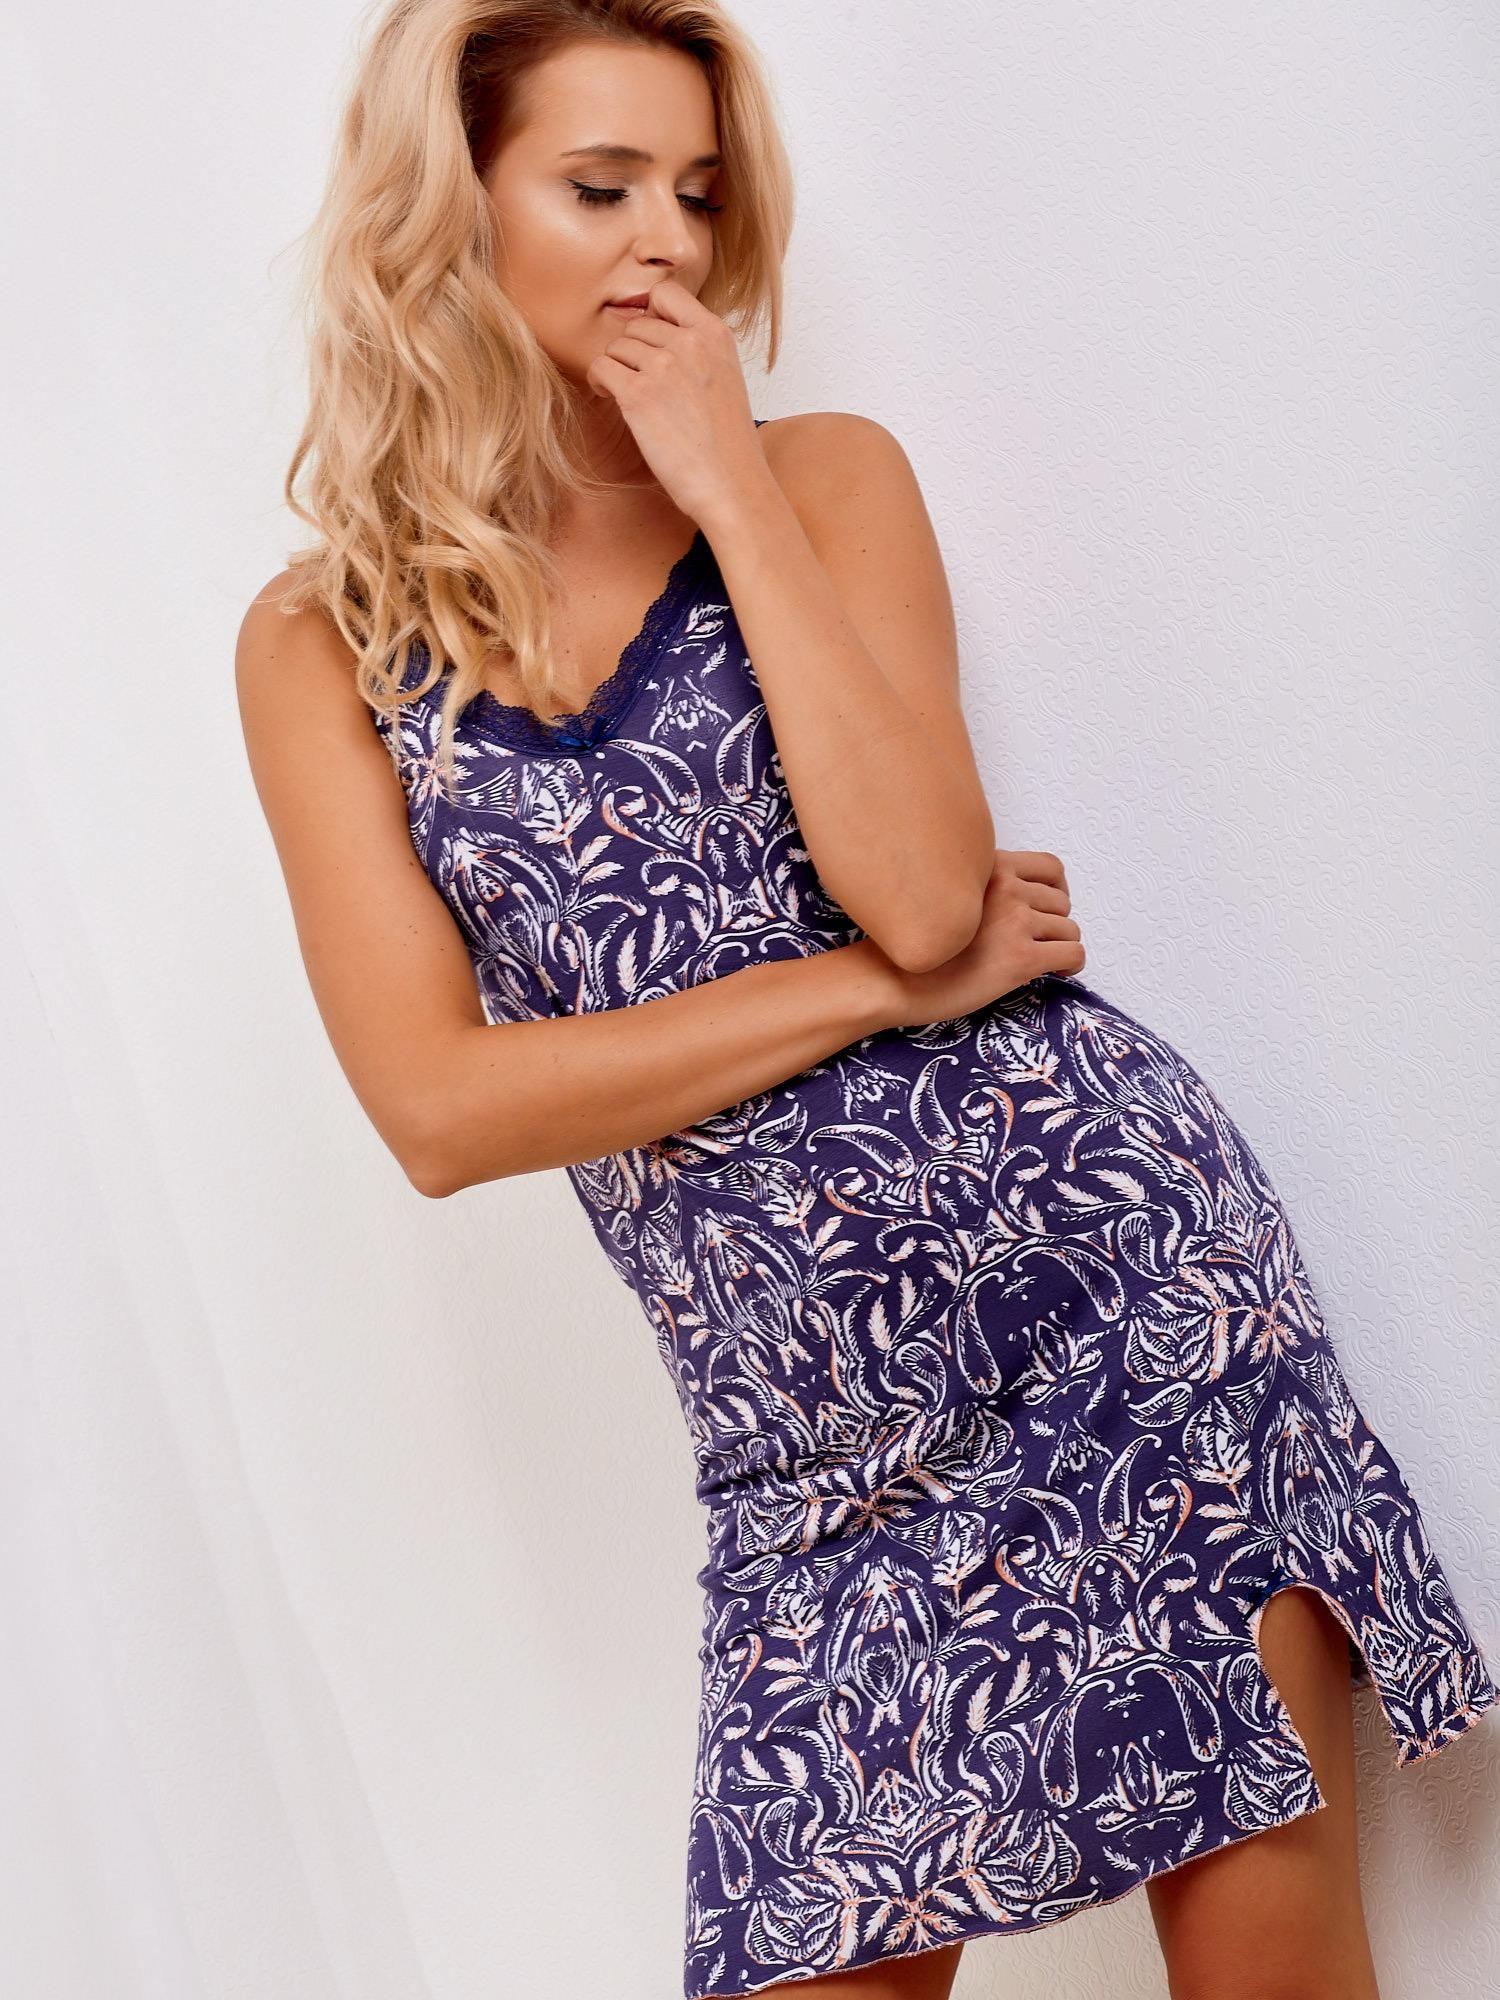 a10c9f35fa5b0e Granatowa koszula nocna w tropikalne rośliny - Bielizna piżama - sklep  eButik.pl